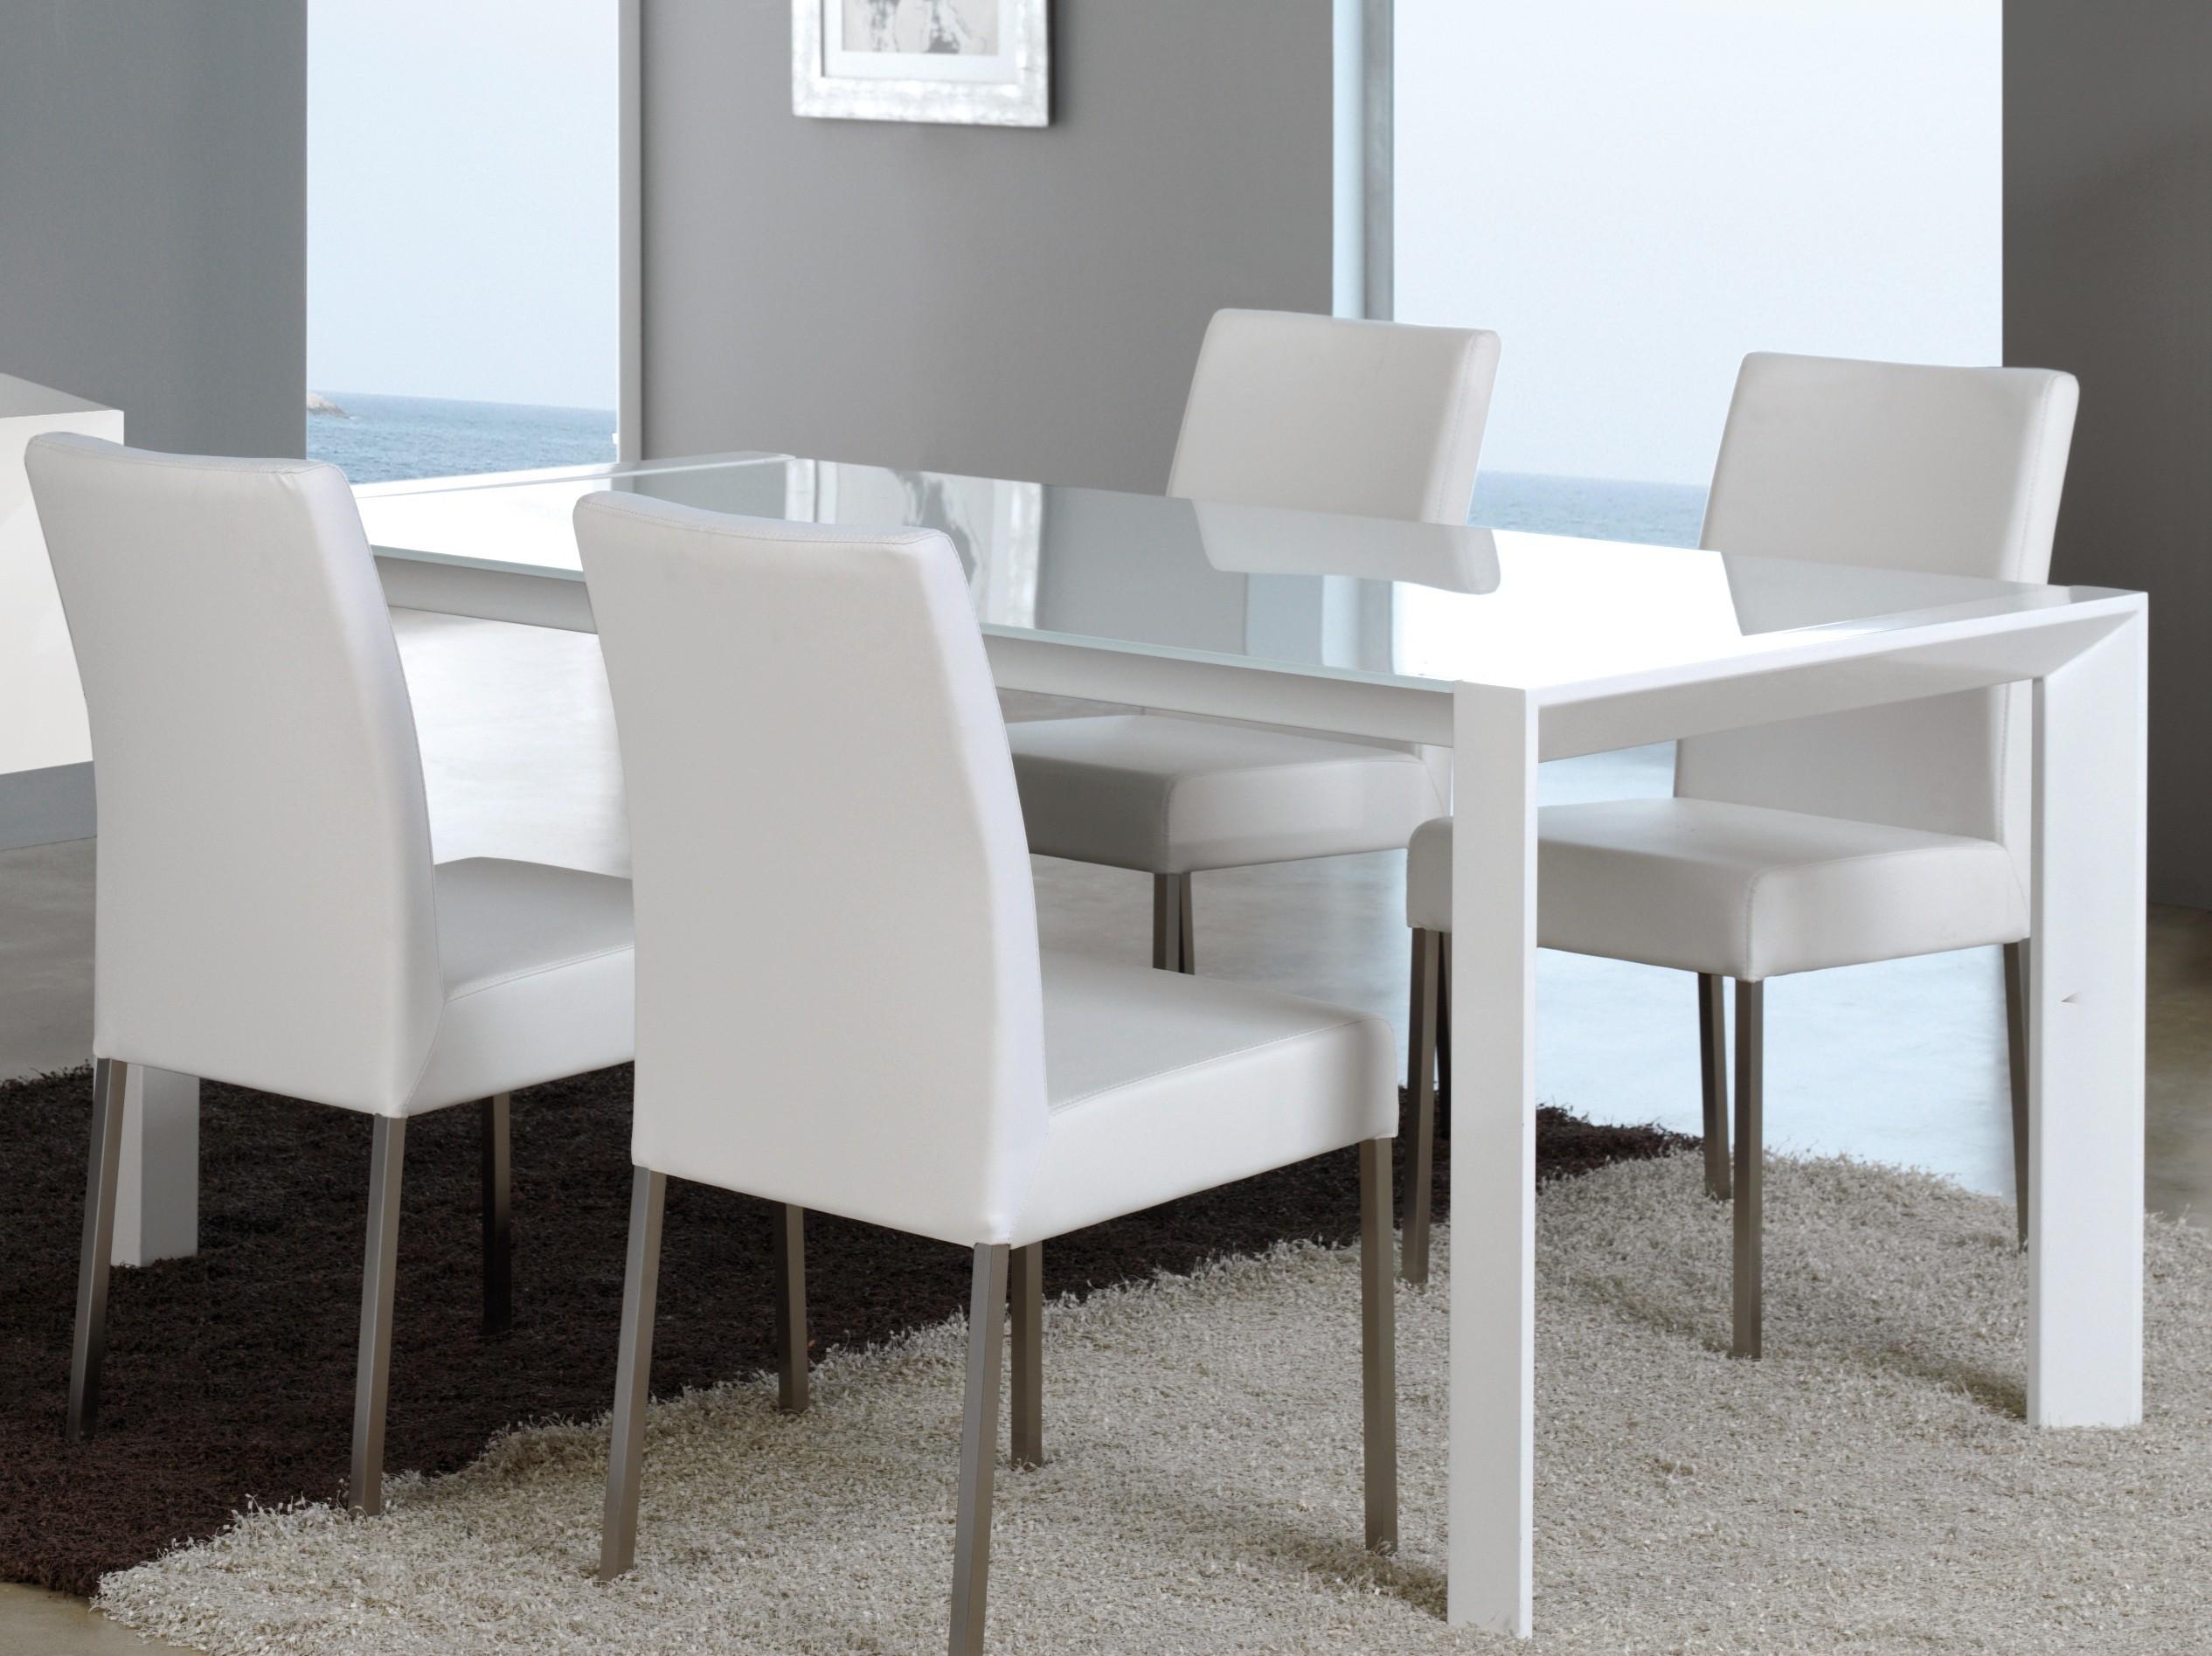 Table extensible design métal blanc et verre trempé blanc 160-220 cm Perla    LesTendances.fr 3e31732f7ad1